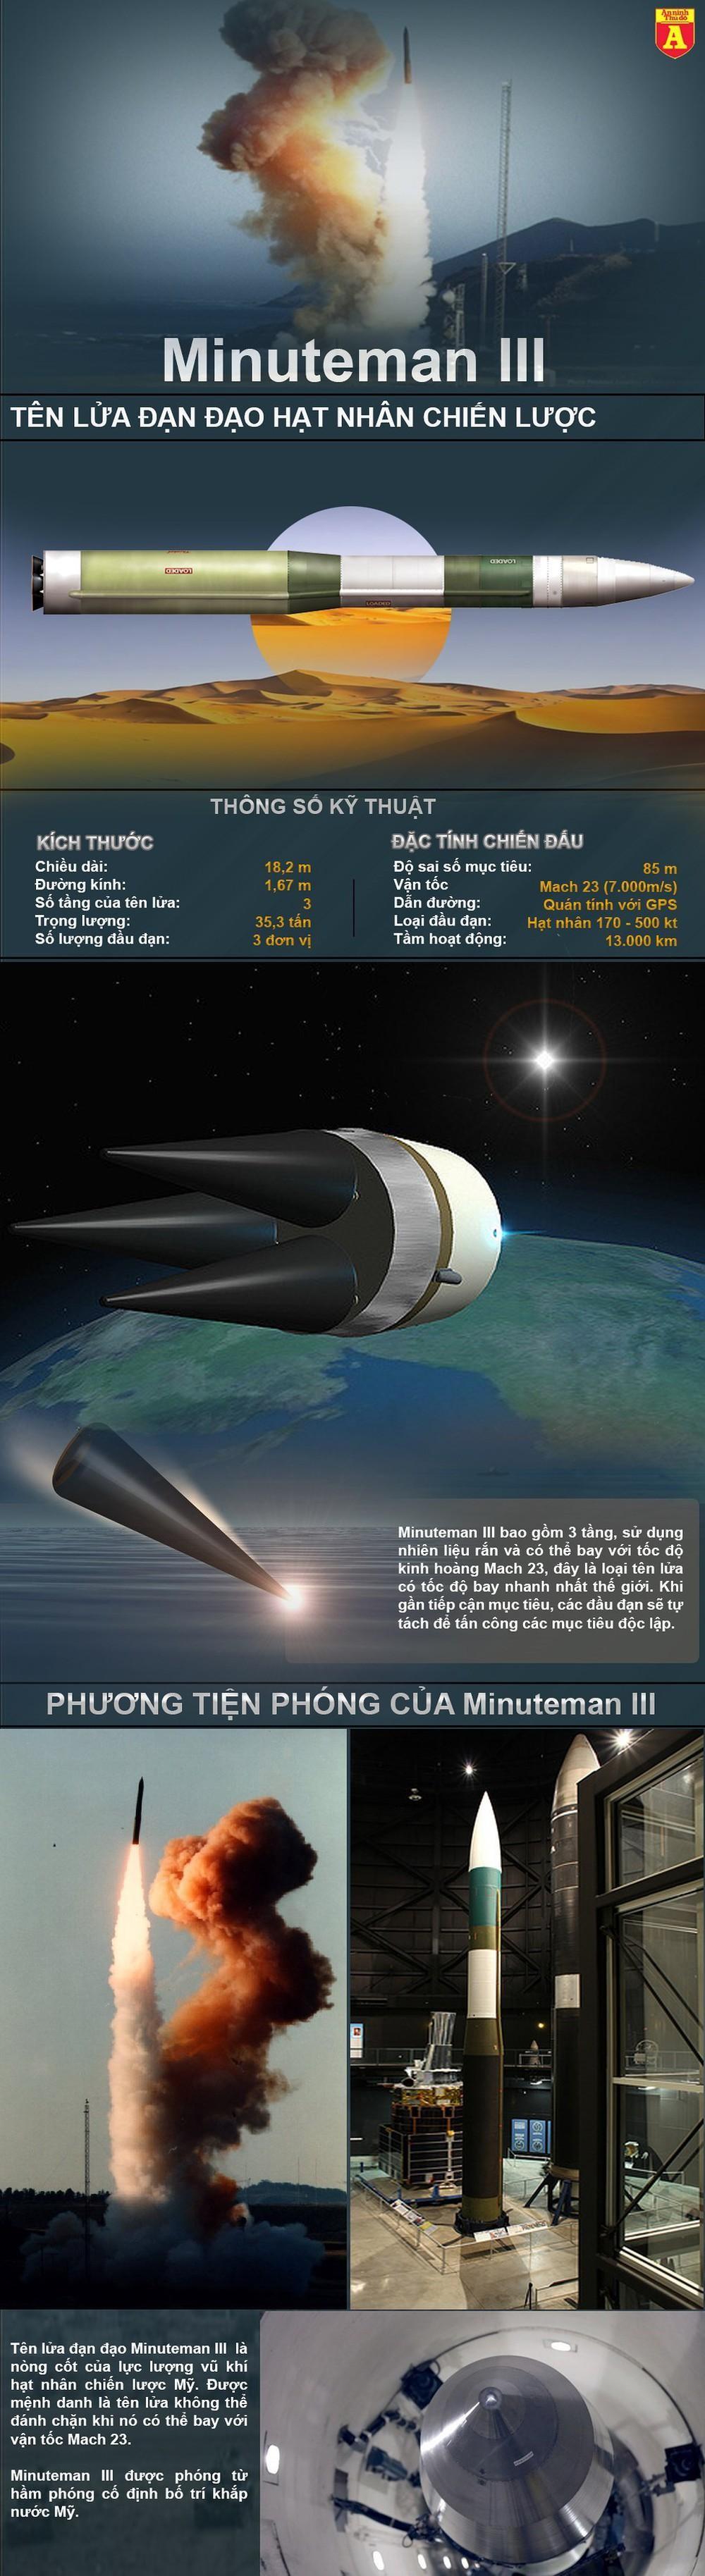 [Info] Tên lửa đạn đạo hạt nhân tấn công Mỹ có tốc độ nhanh gấp 11 lần đạn súng AK ảnh 2